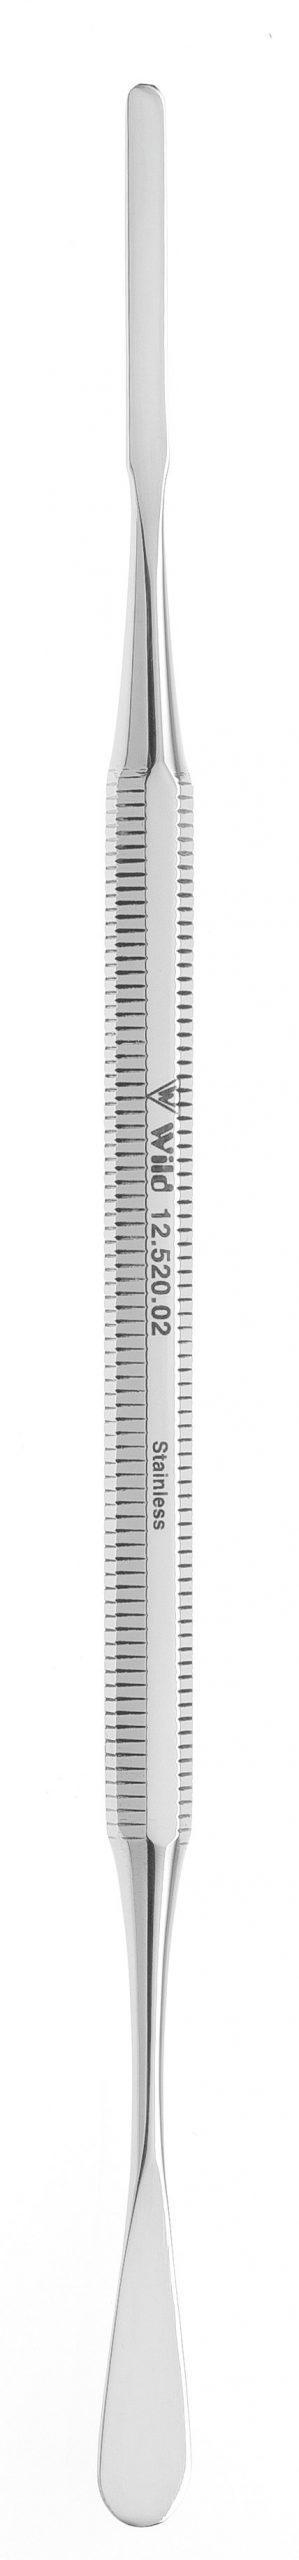 Fußpflegespatel -rund/gerade- 12.520.02zum Preis von 12.31 zzgl. Versand Hersteller : Heiko Wild